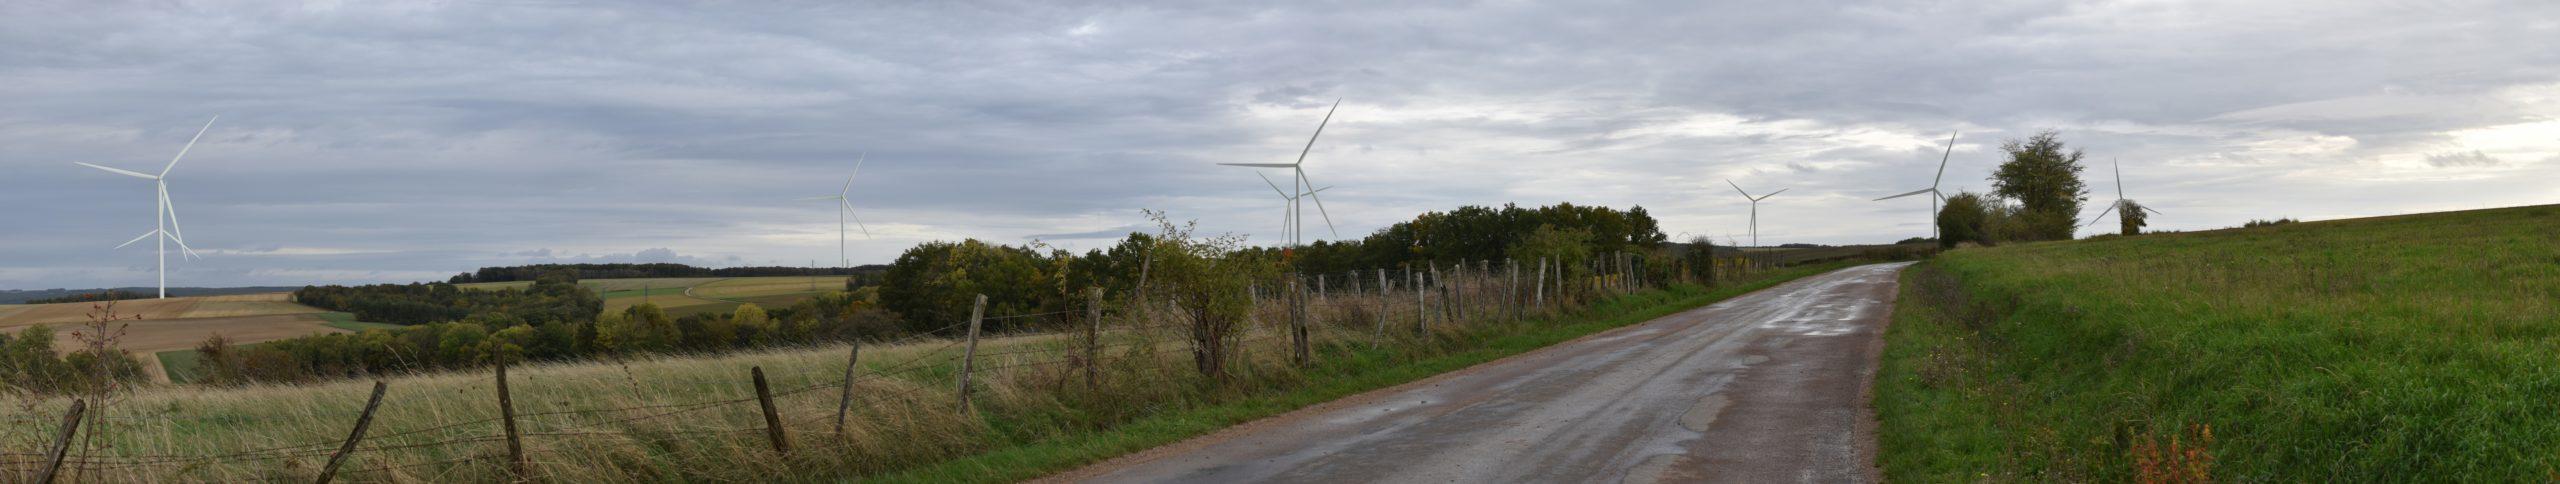 Bernouil - Sortie Sud (photomontage à 1,1 km de l'éolienne la plus proche)